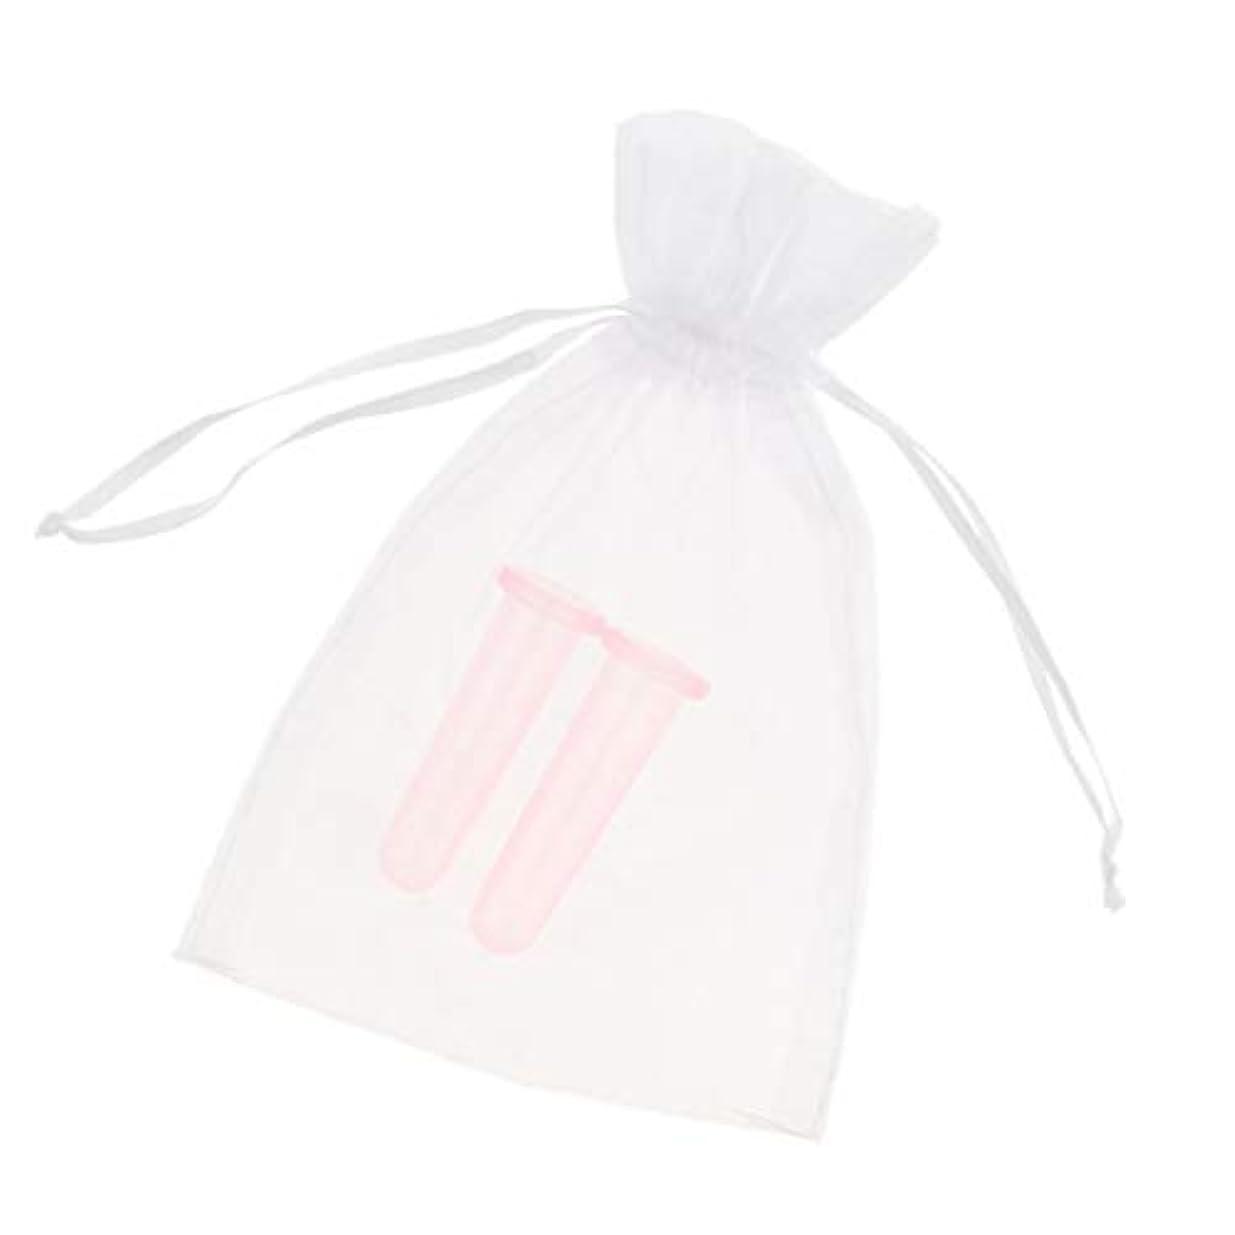 恨み不適当宣言するF Fityle 全2色 シリコーン製 真空 顔用マッサージ カッピング 吸い玉カップ カッピング 収納ポーチ付き 2個 - ピンク